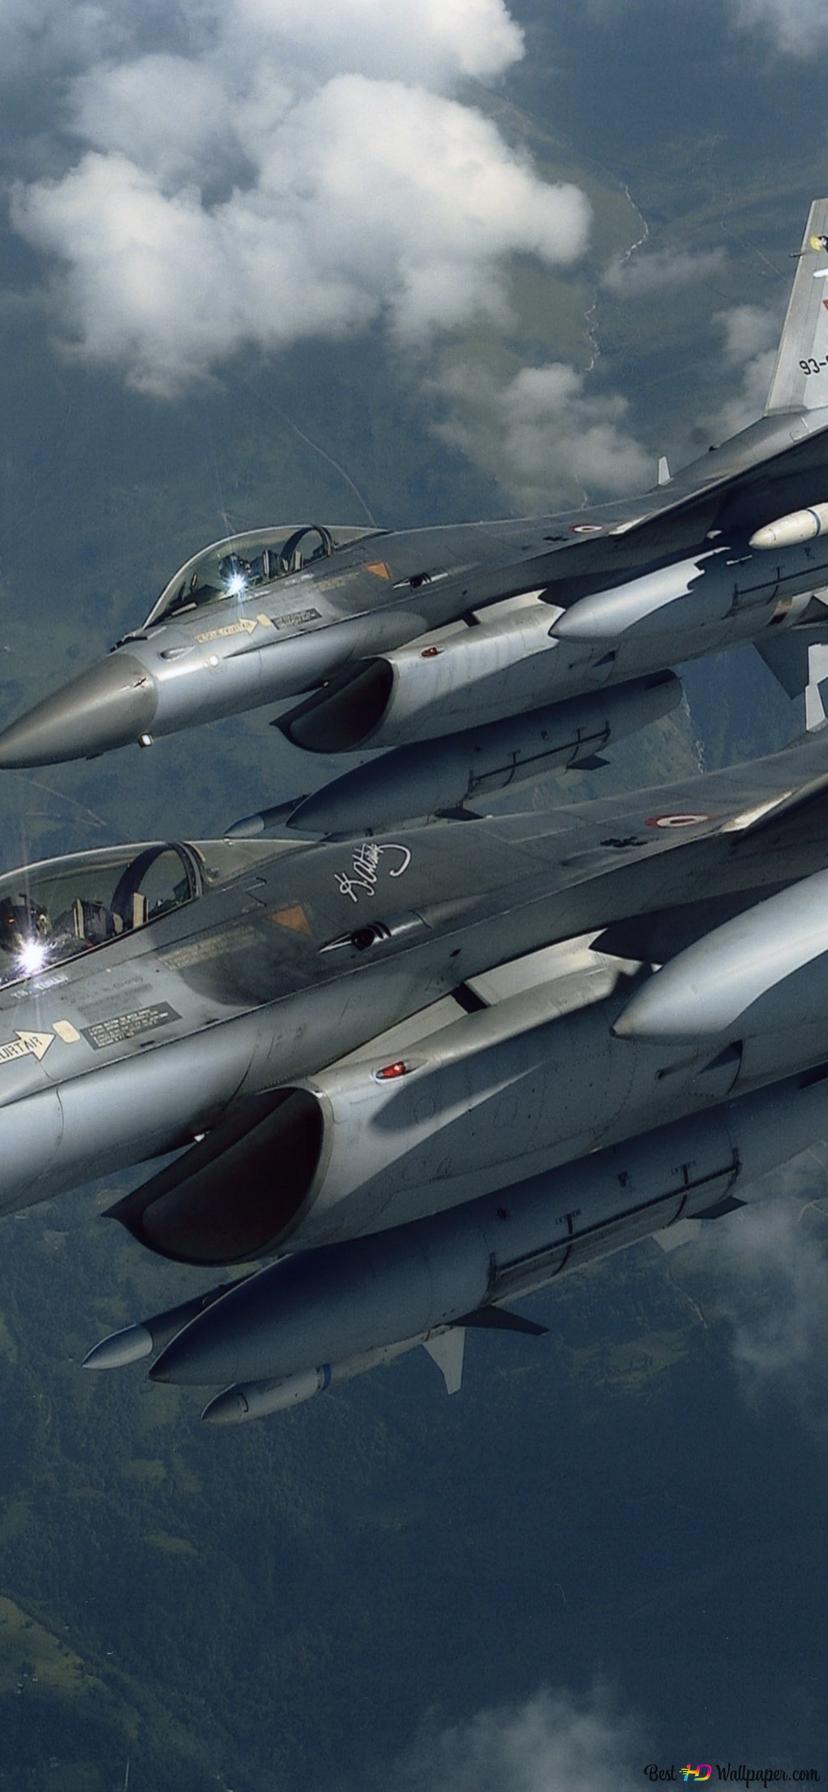 Turkish Air Force F21 War Plane HD Hintergrundbilder herunterladen